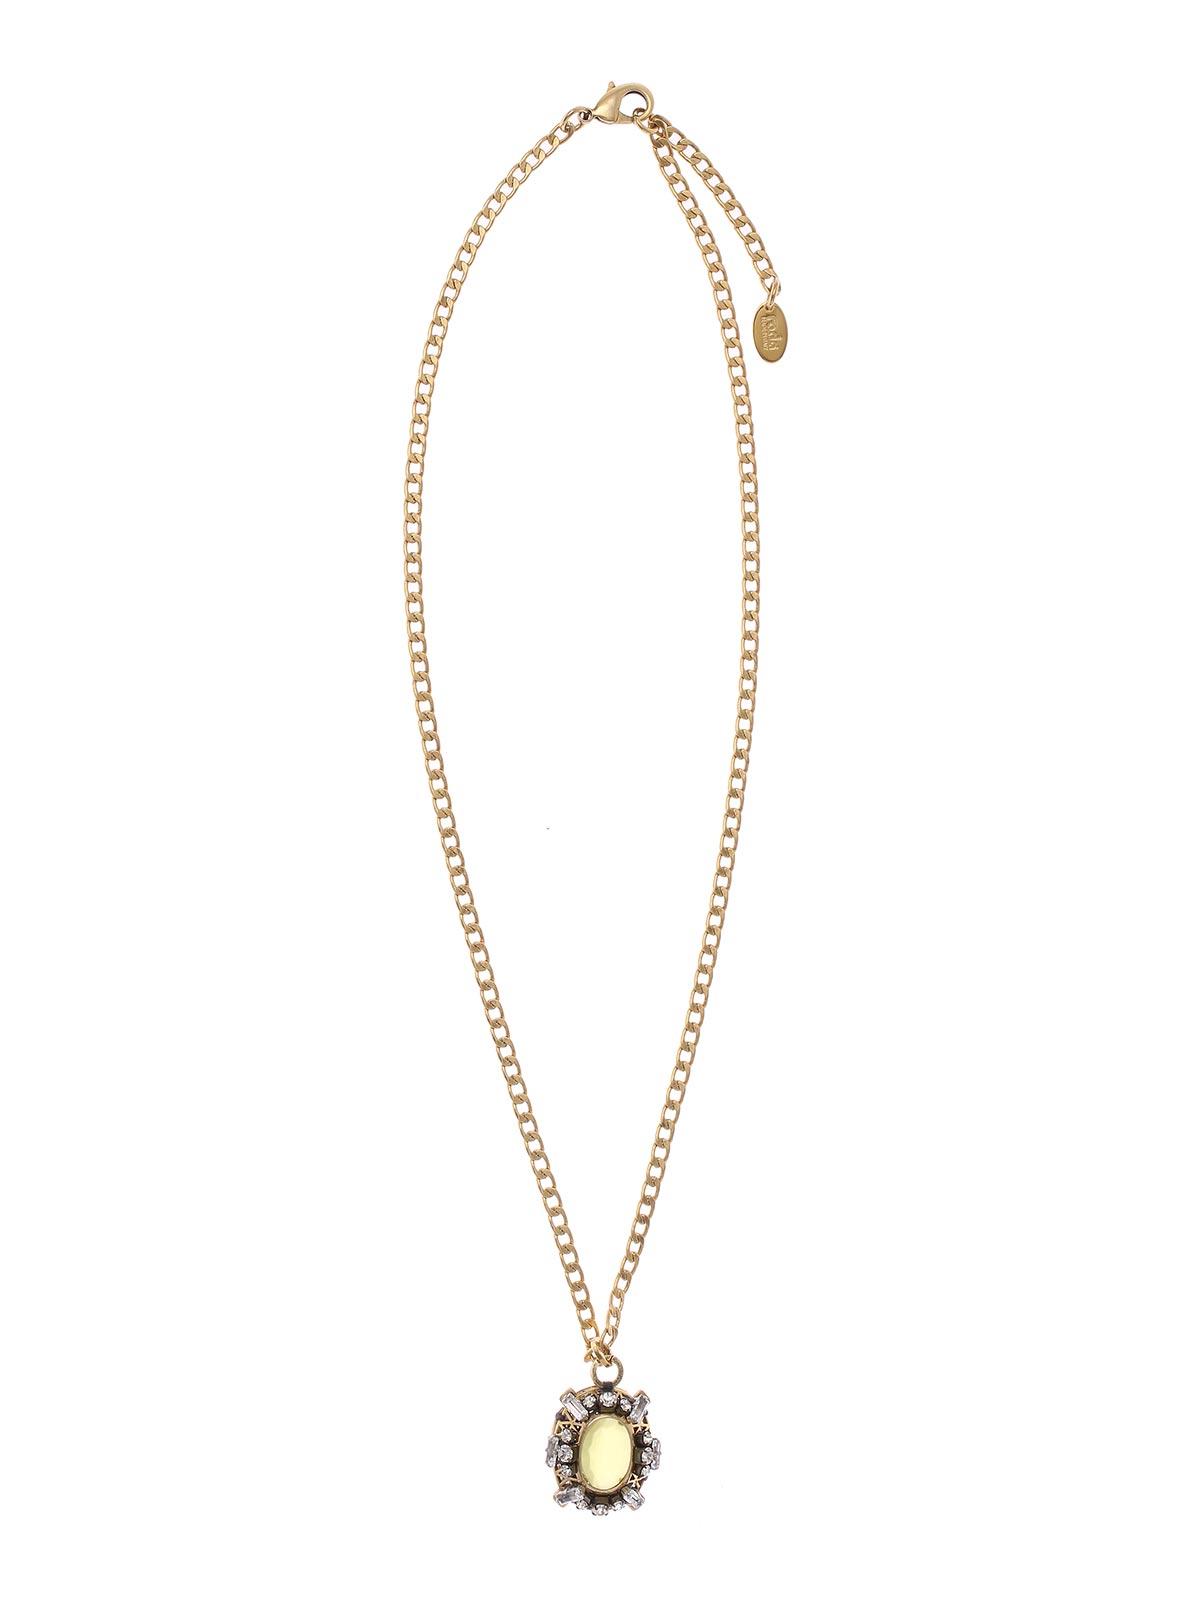 Collana lunga a catena con pendente gioiello